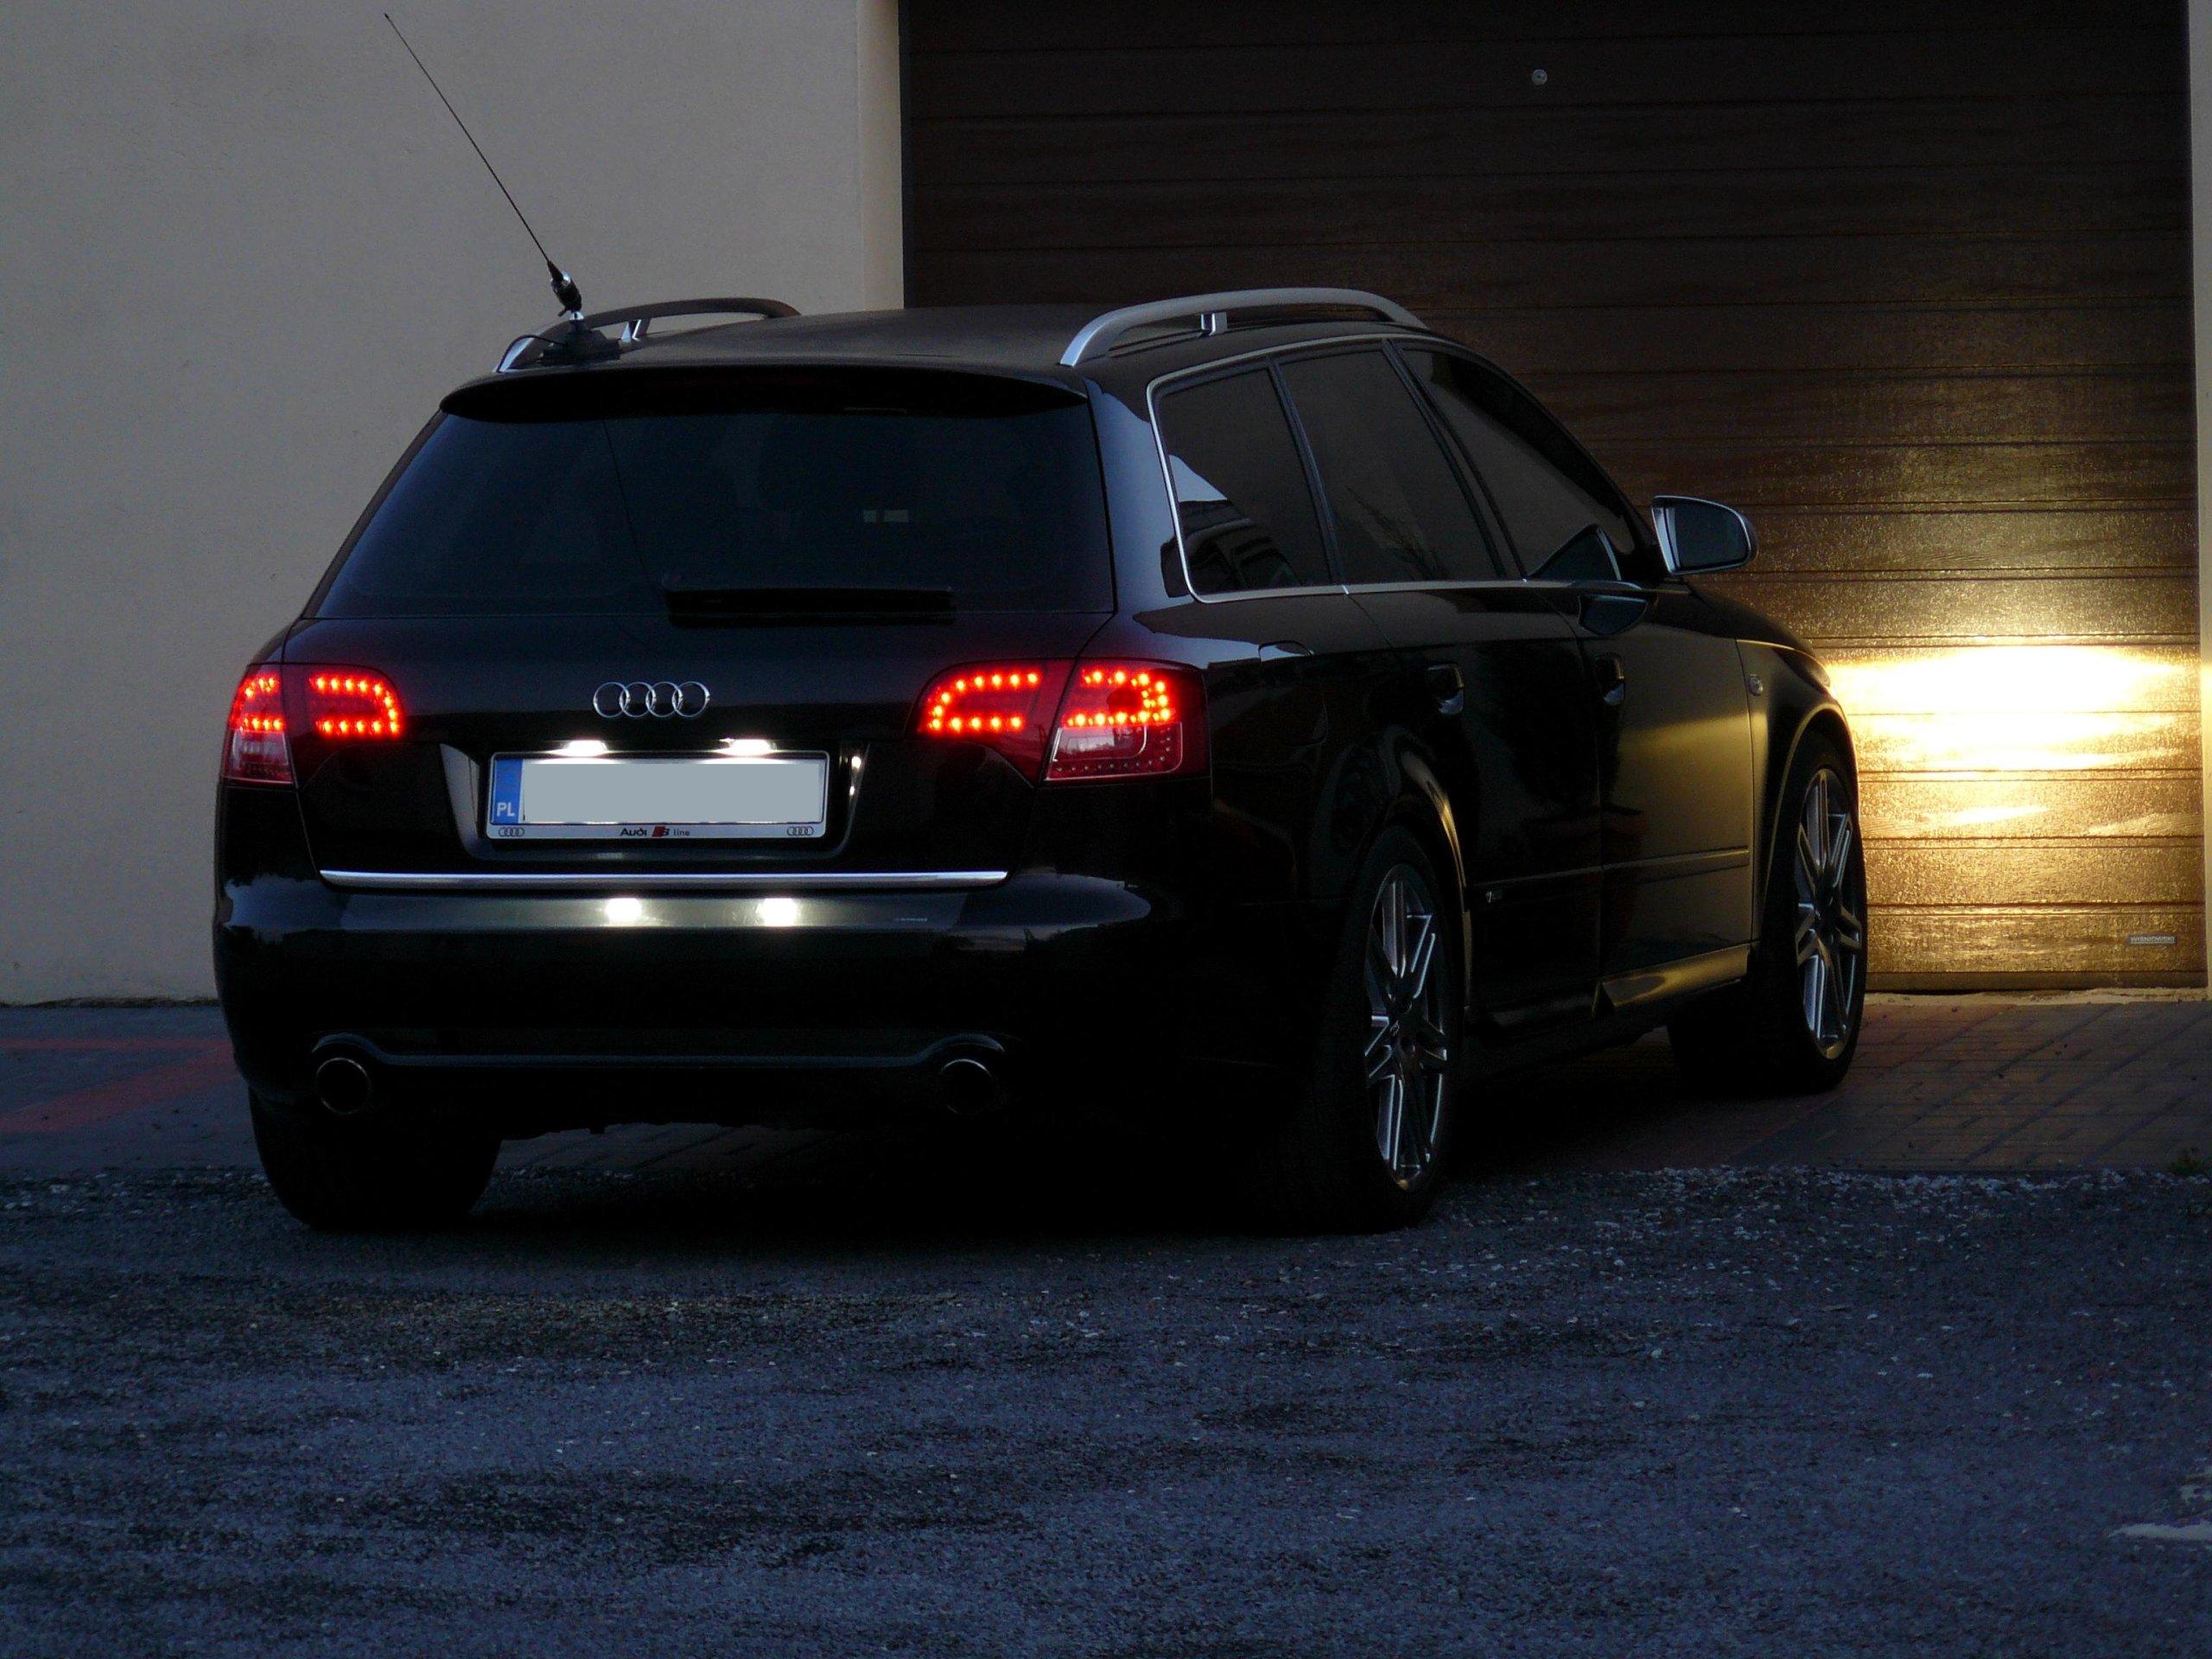 Lampy Led A4 B7 Avant Tył Audi A4 B7 Audi A4 Klub Polska